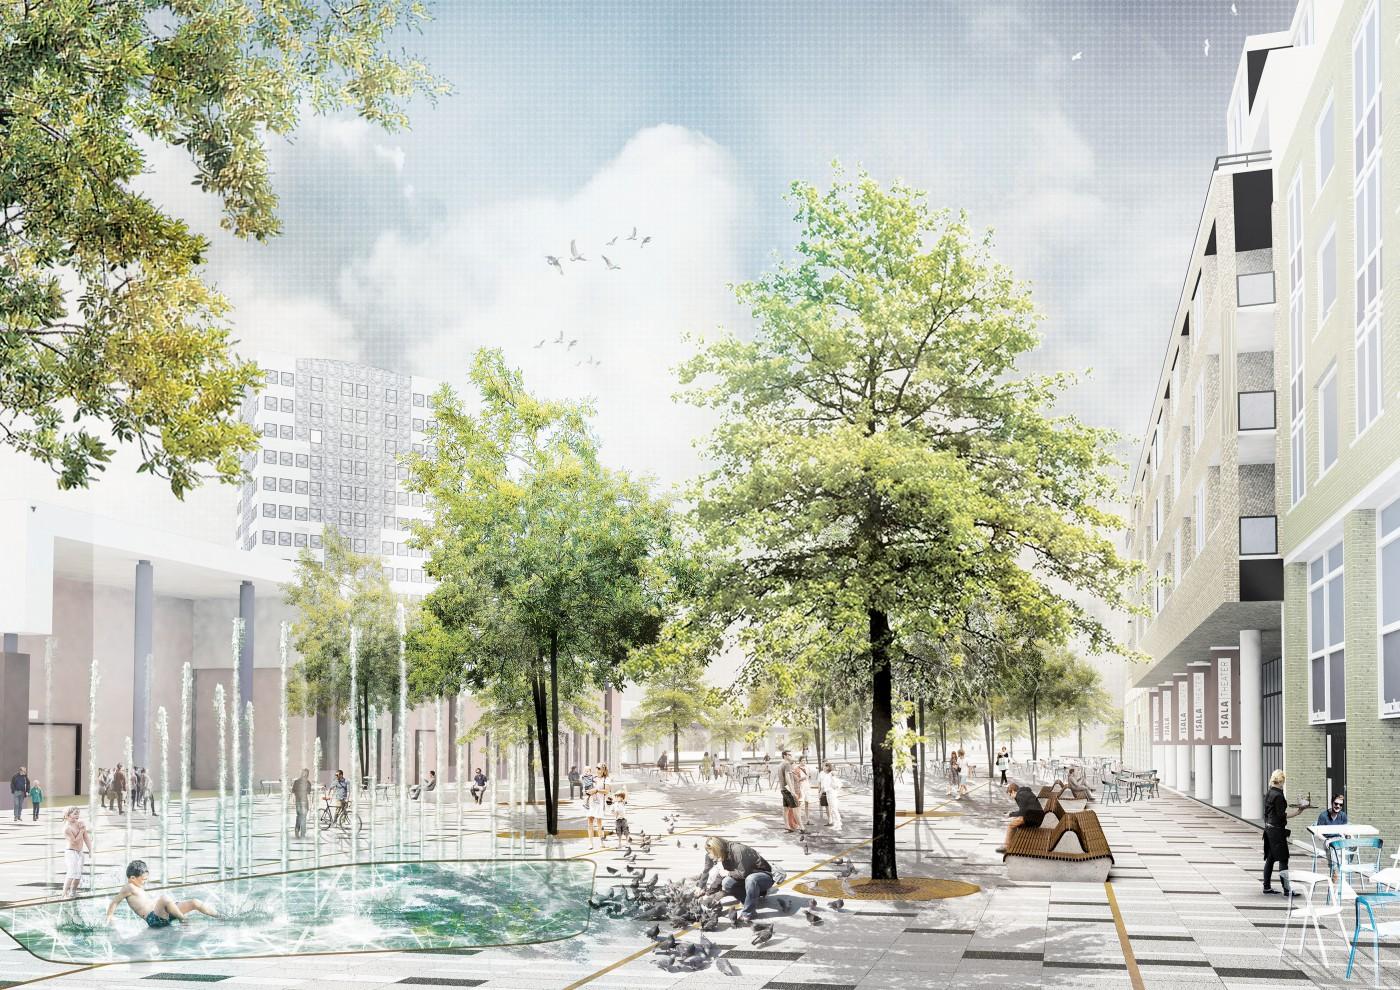 buro-sant-en-co-landschapsarchitectuur-stadsplein-capelle aan den ijssel-plein-herinrichting-groen-water-klimaatadaptief-schetsontwerp-model organisch-impressie-1